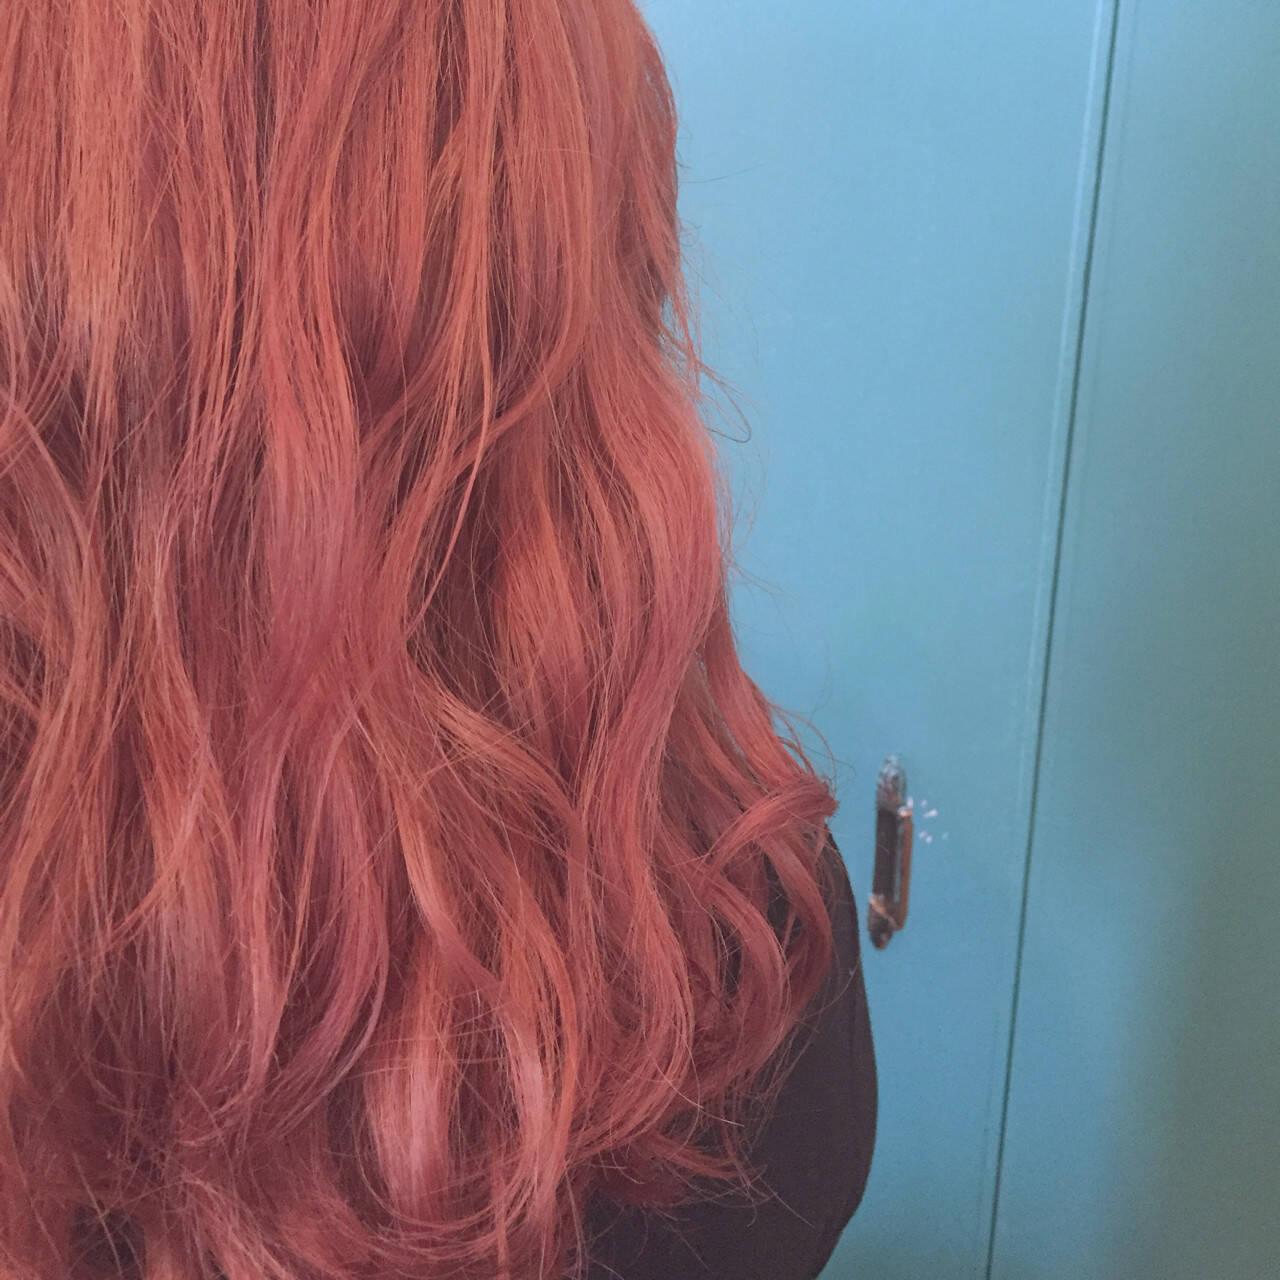 レッド ピンクアッシュ セミロング ピンクヘアスタイルや髪型の写真・画像